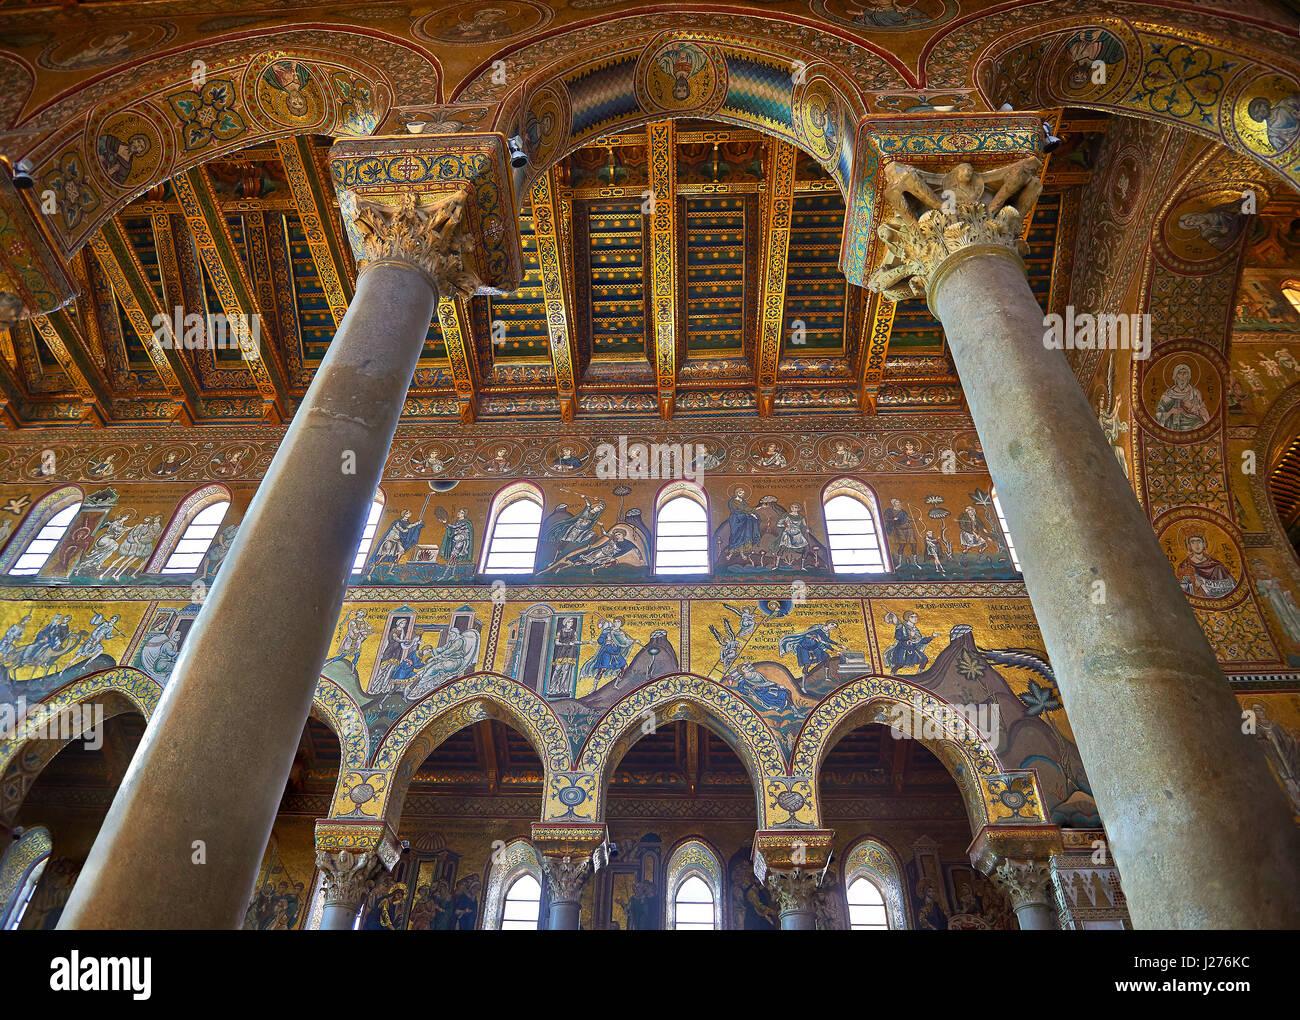 Mosaiken der Norman-byzantinischen mittelalterlichen Kathedrale von Monreale, Provinz von Palermo, Sizilien, Italien. Stockbild